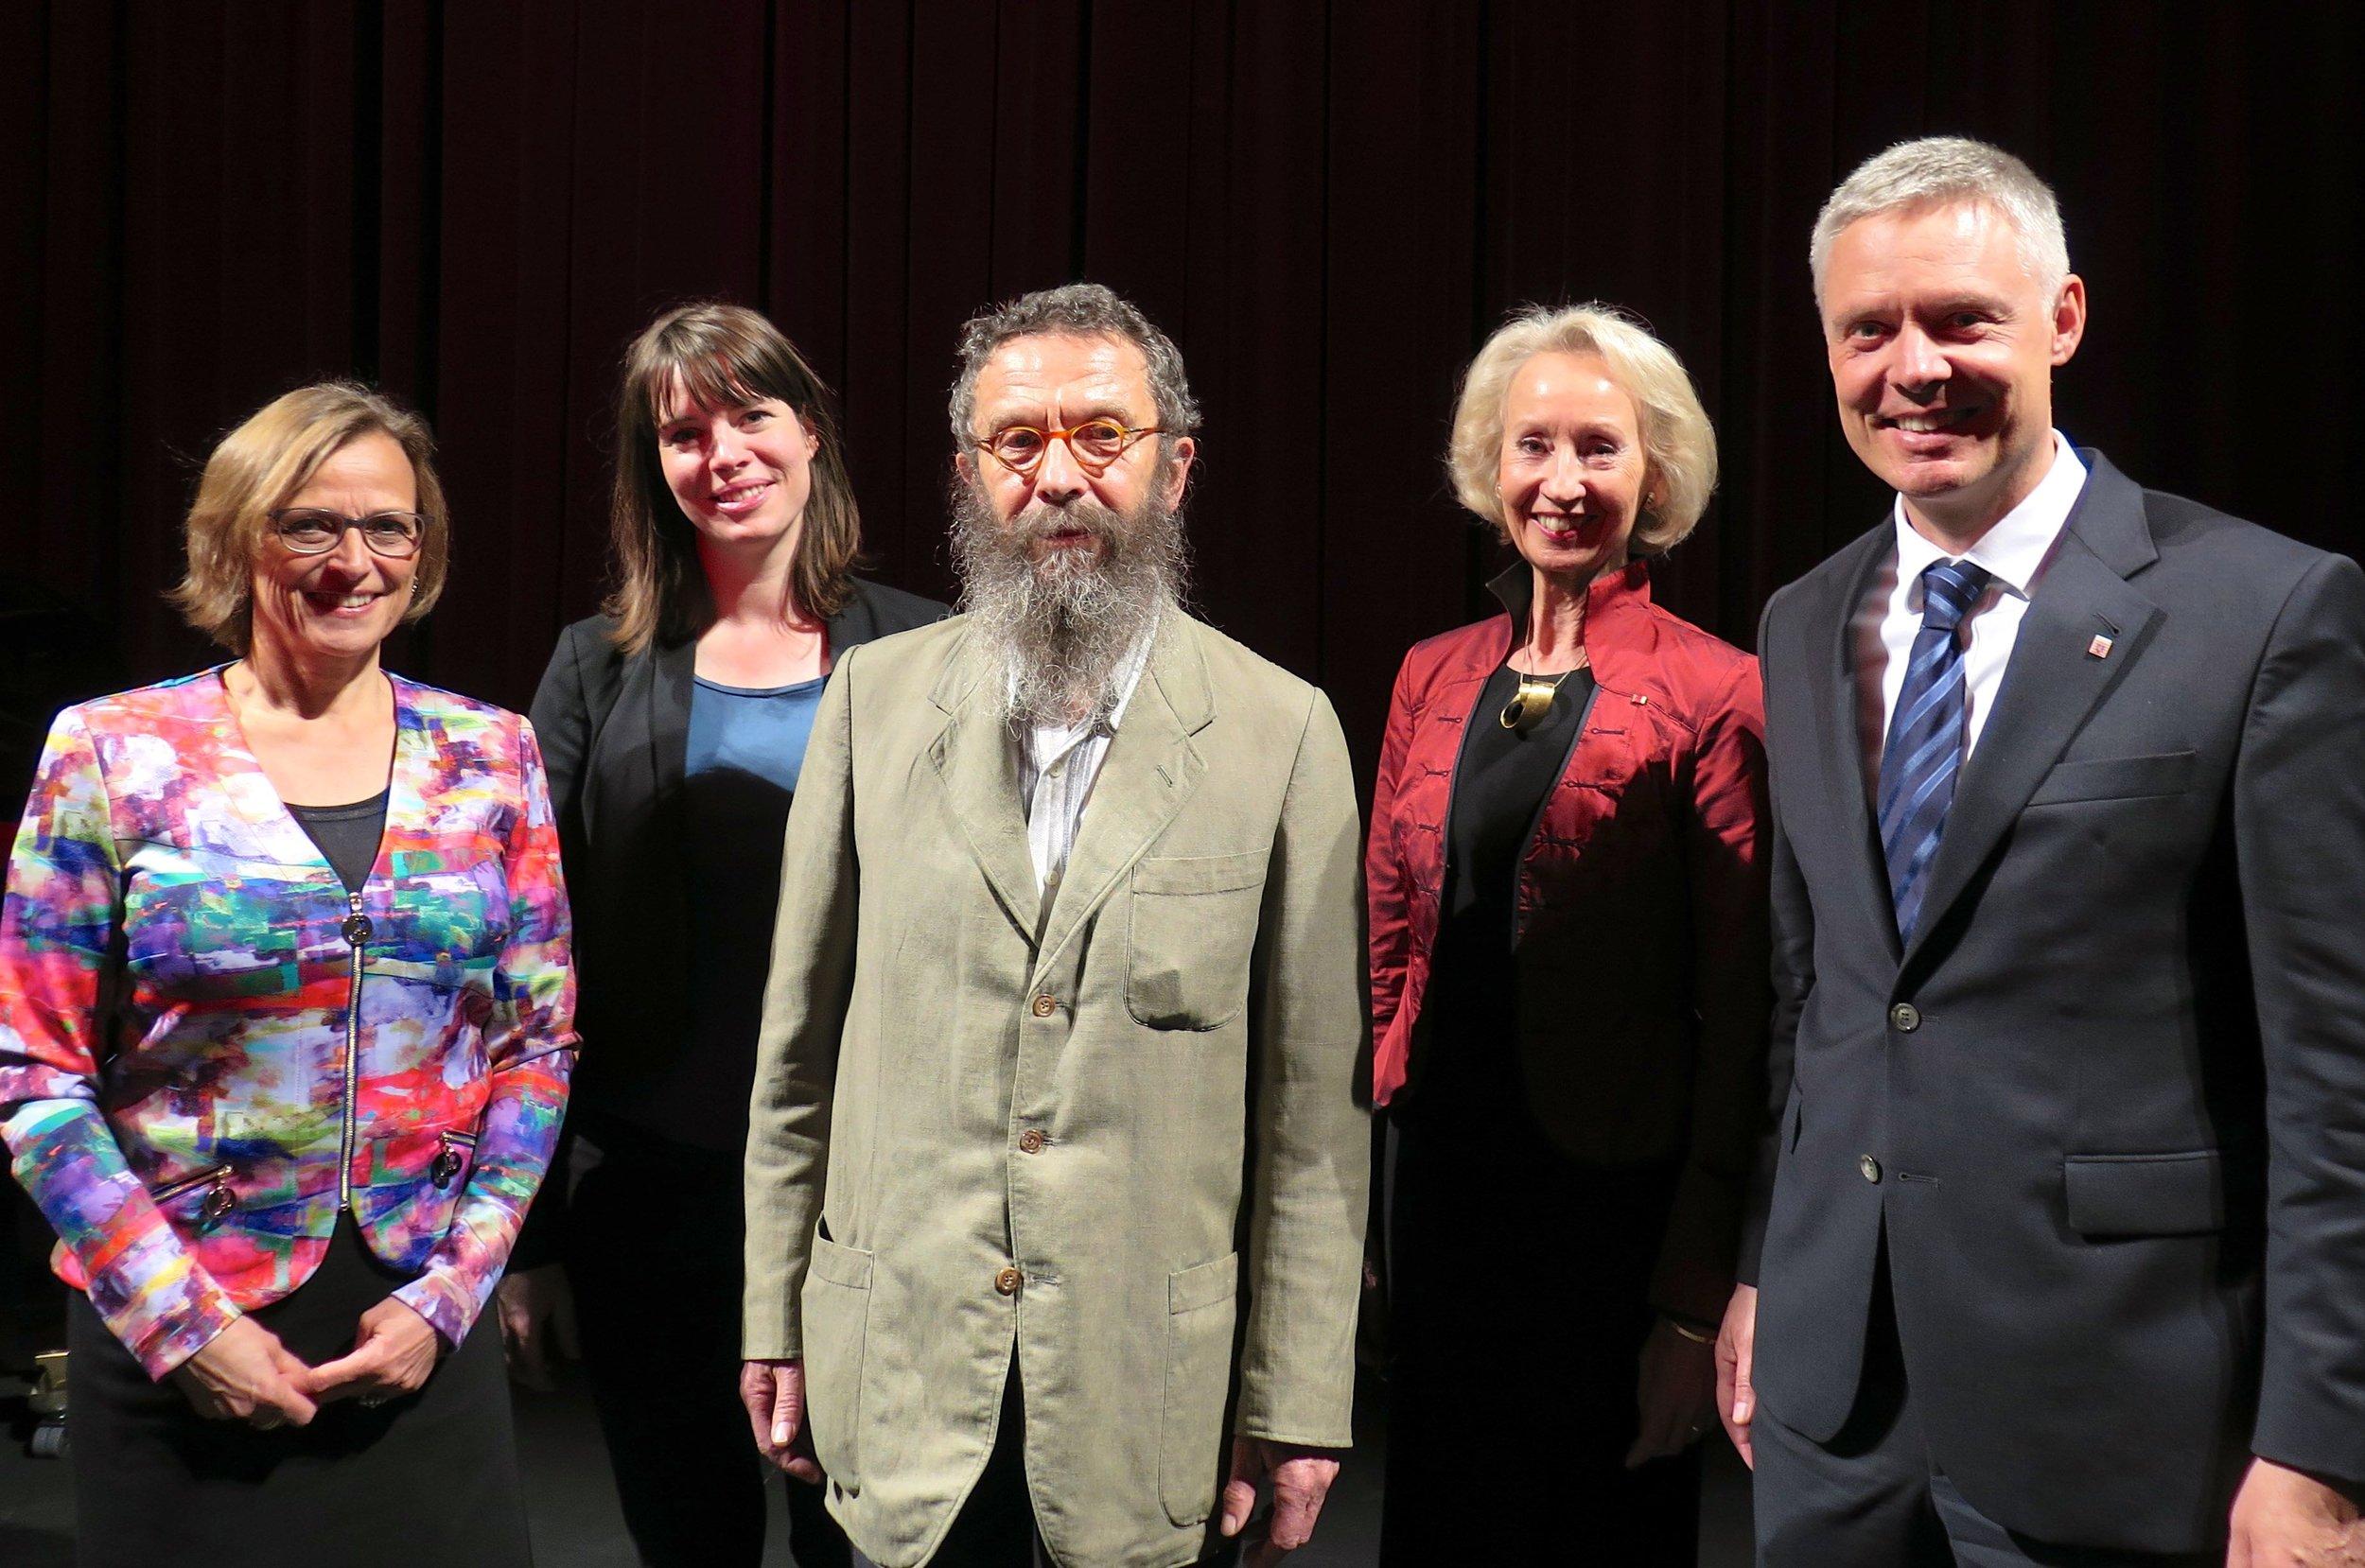 Gruppenbild von der Preisverleihung 2017